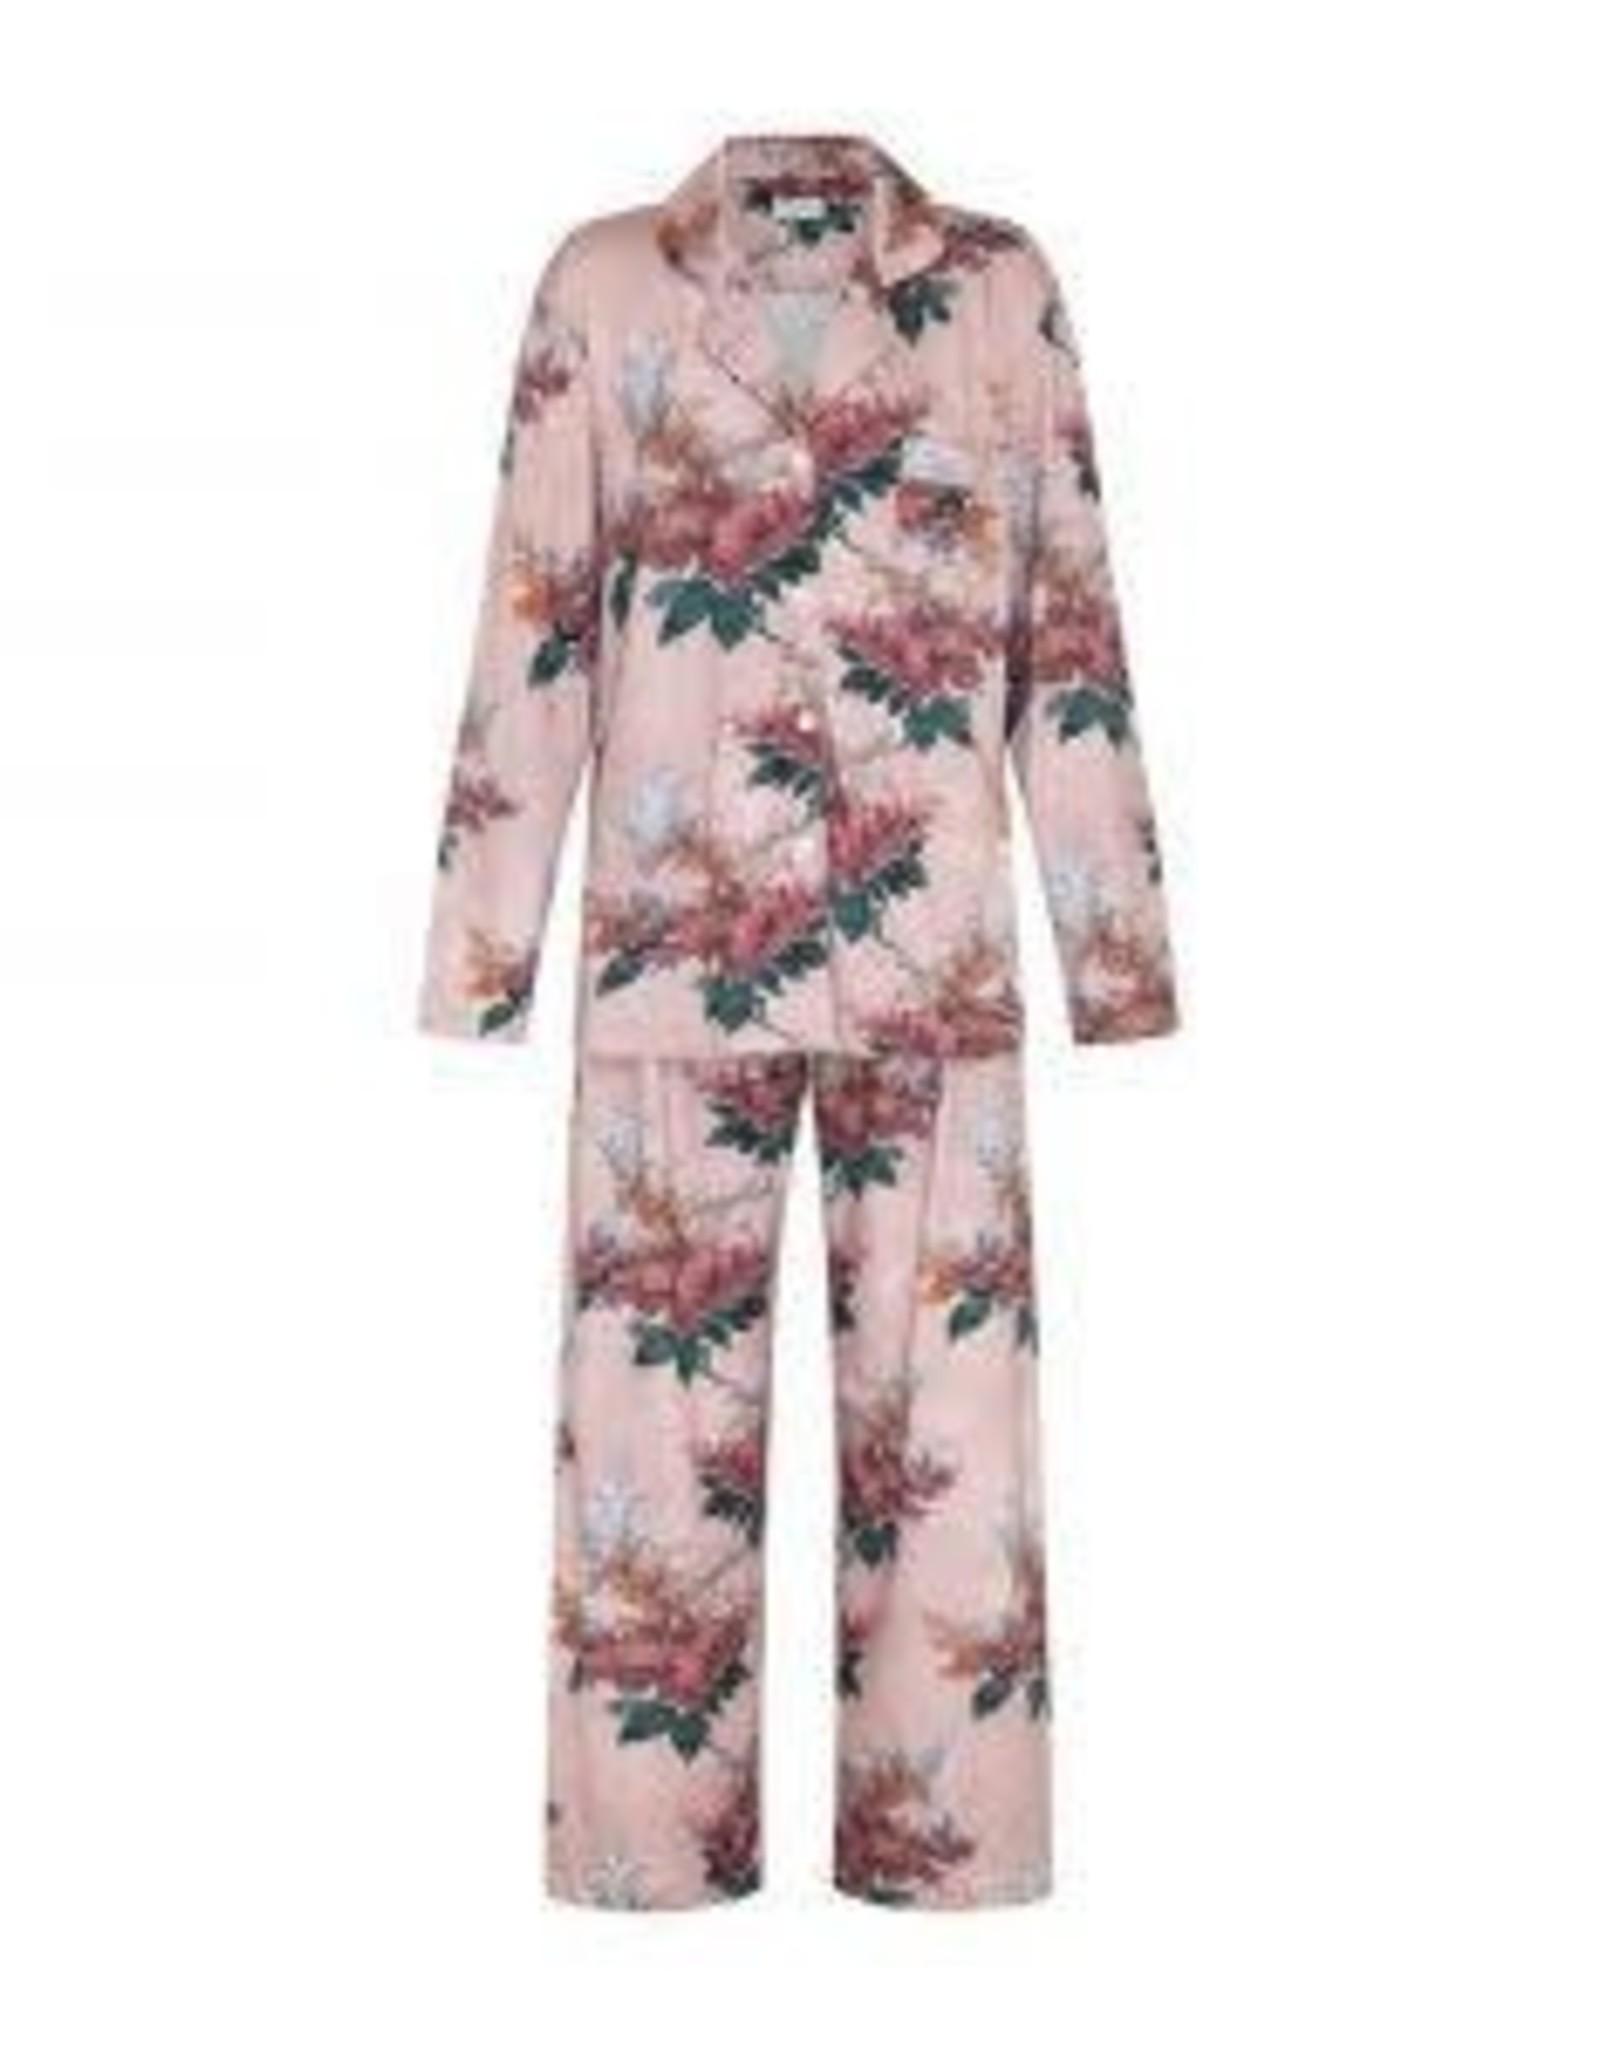 Pyjamas Pink Stock Floral - EXTRA LARGE